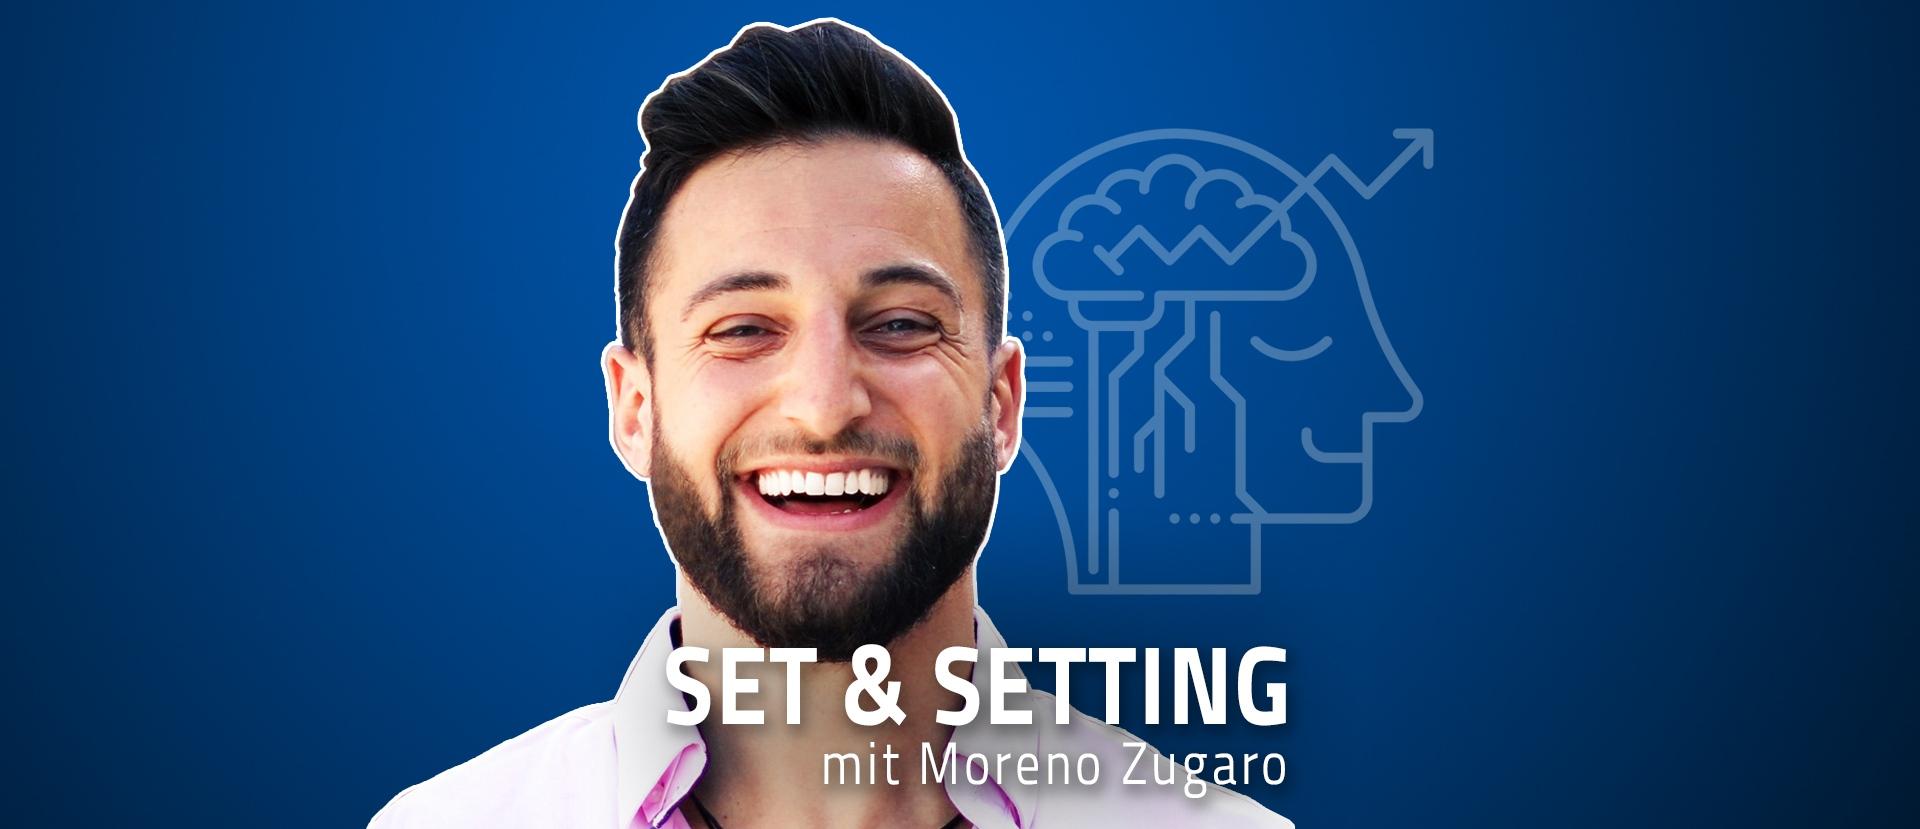 Moreno Zugaro über Männer und Gefühle - Set & Setting Podcast